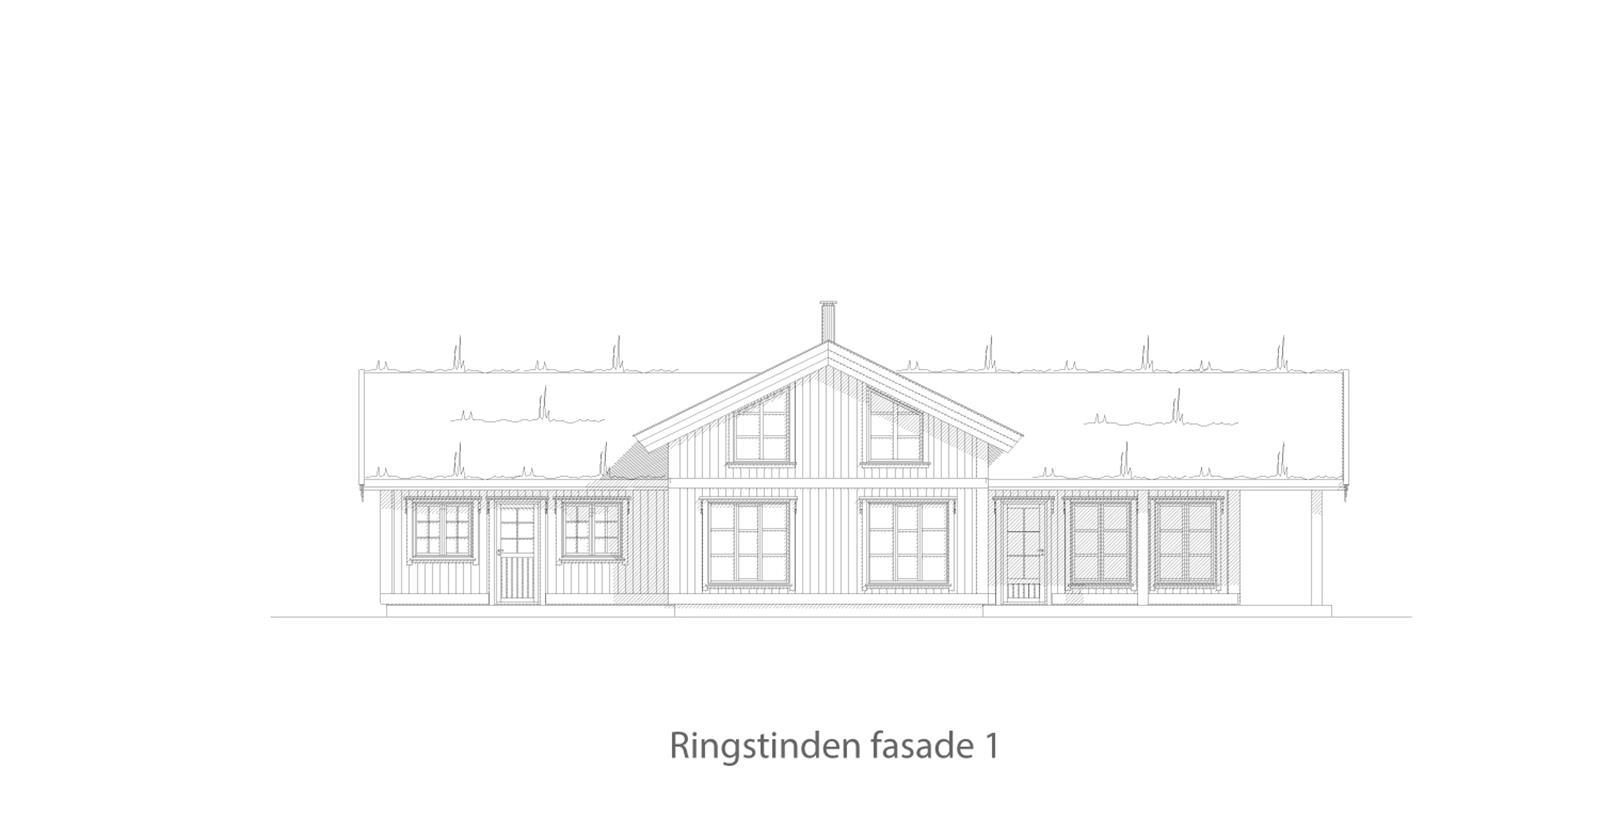 Ringstinden fasade 1